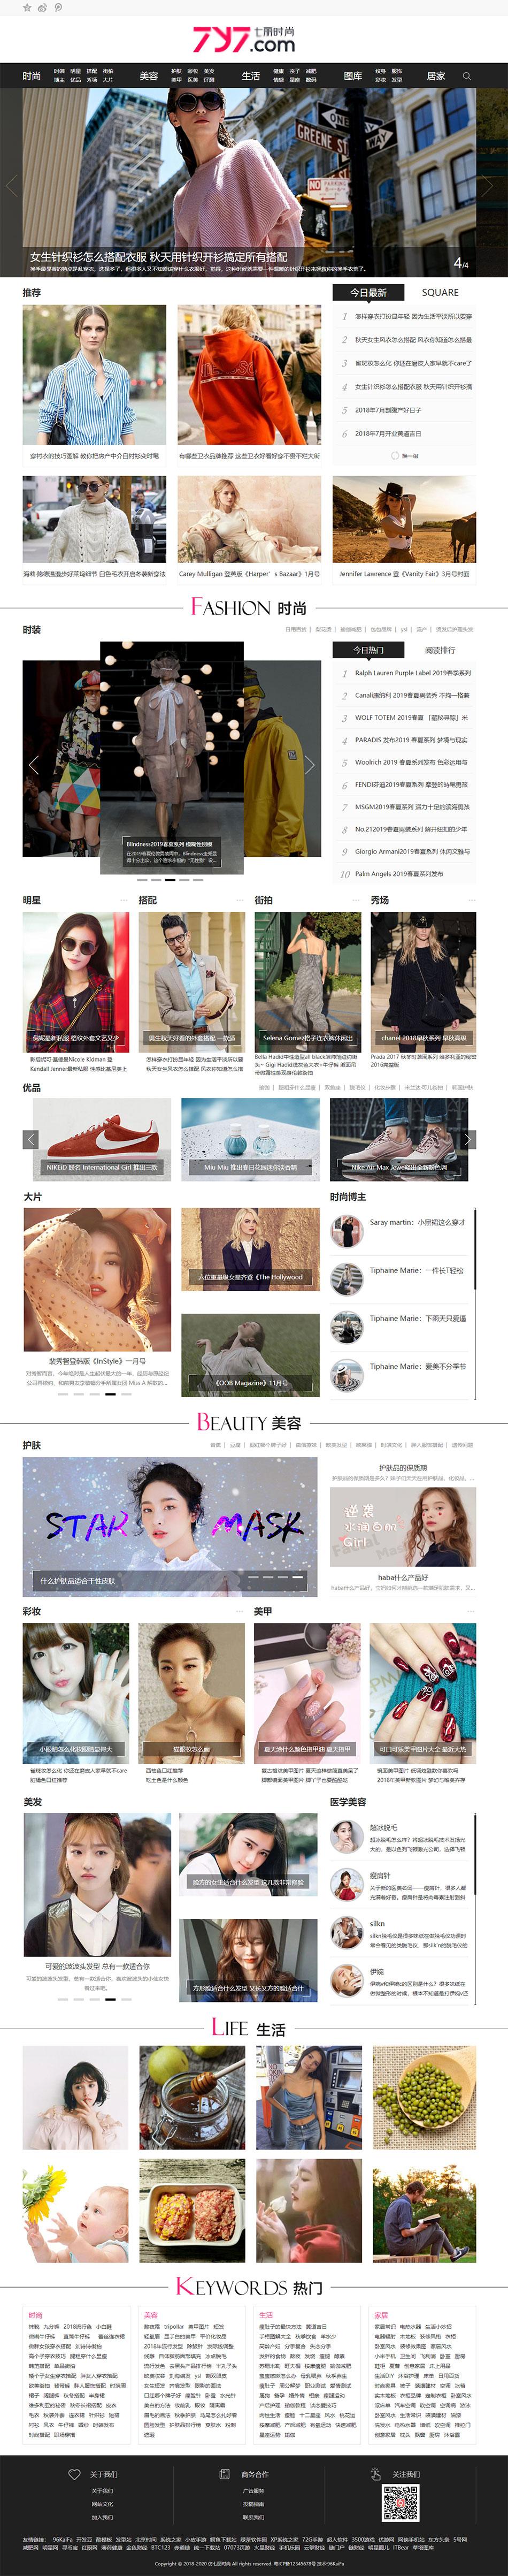 2019年仿《七丽时尚网》源码 女性时尚|娱乐|美容|发型|减肥网站模板+带采集